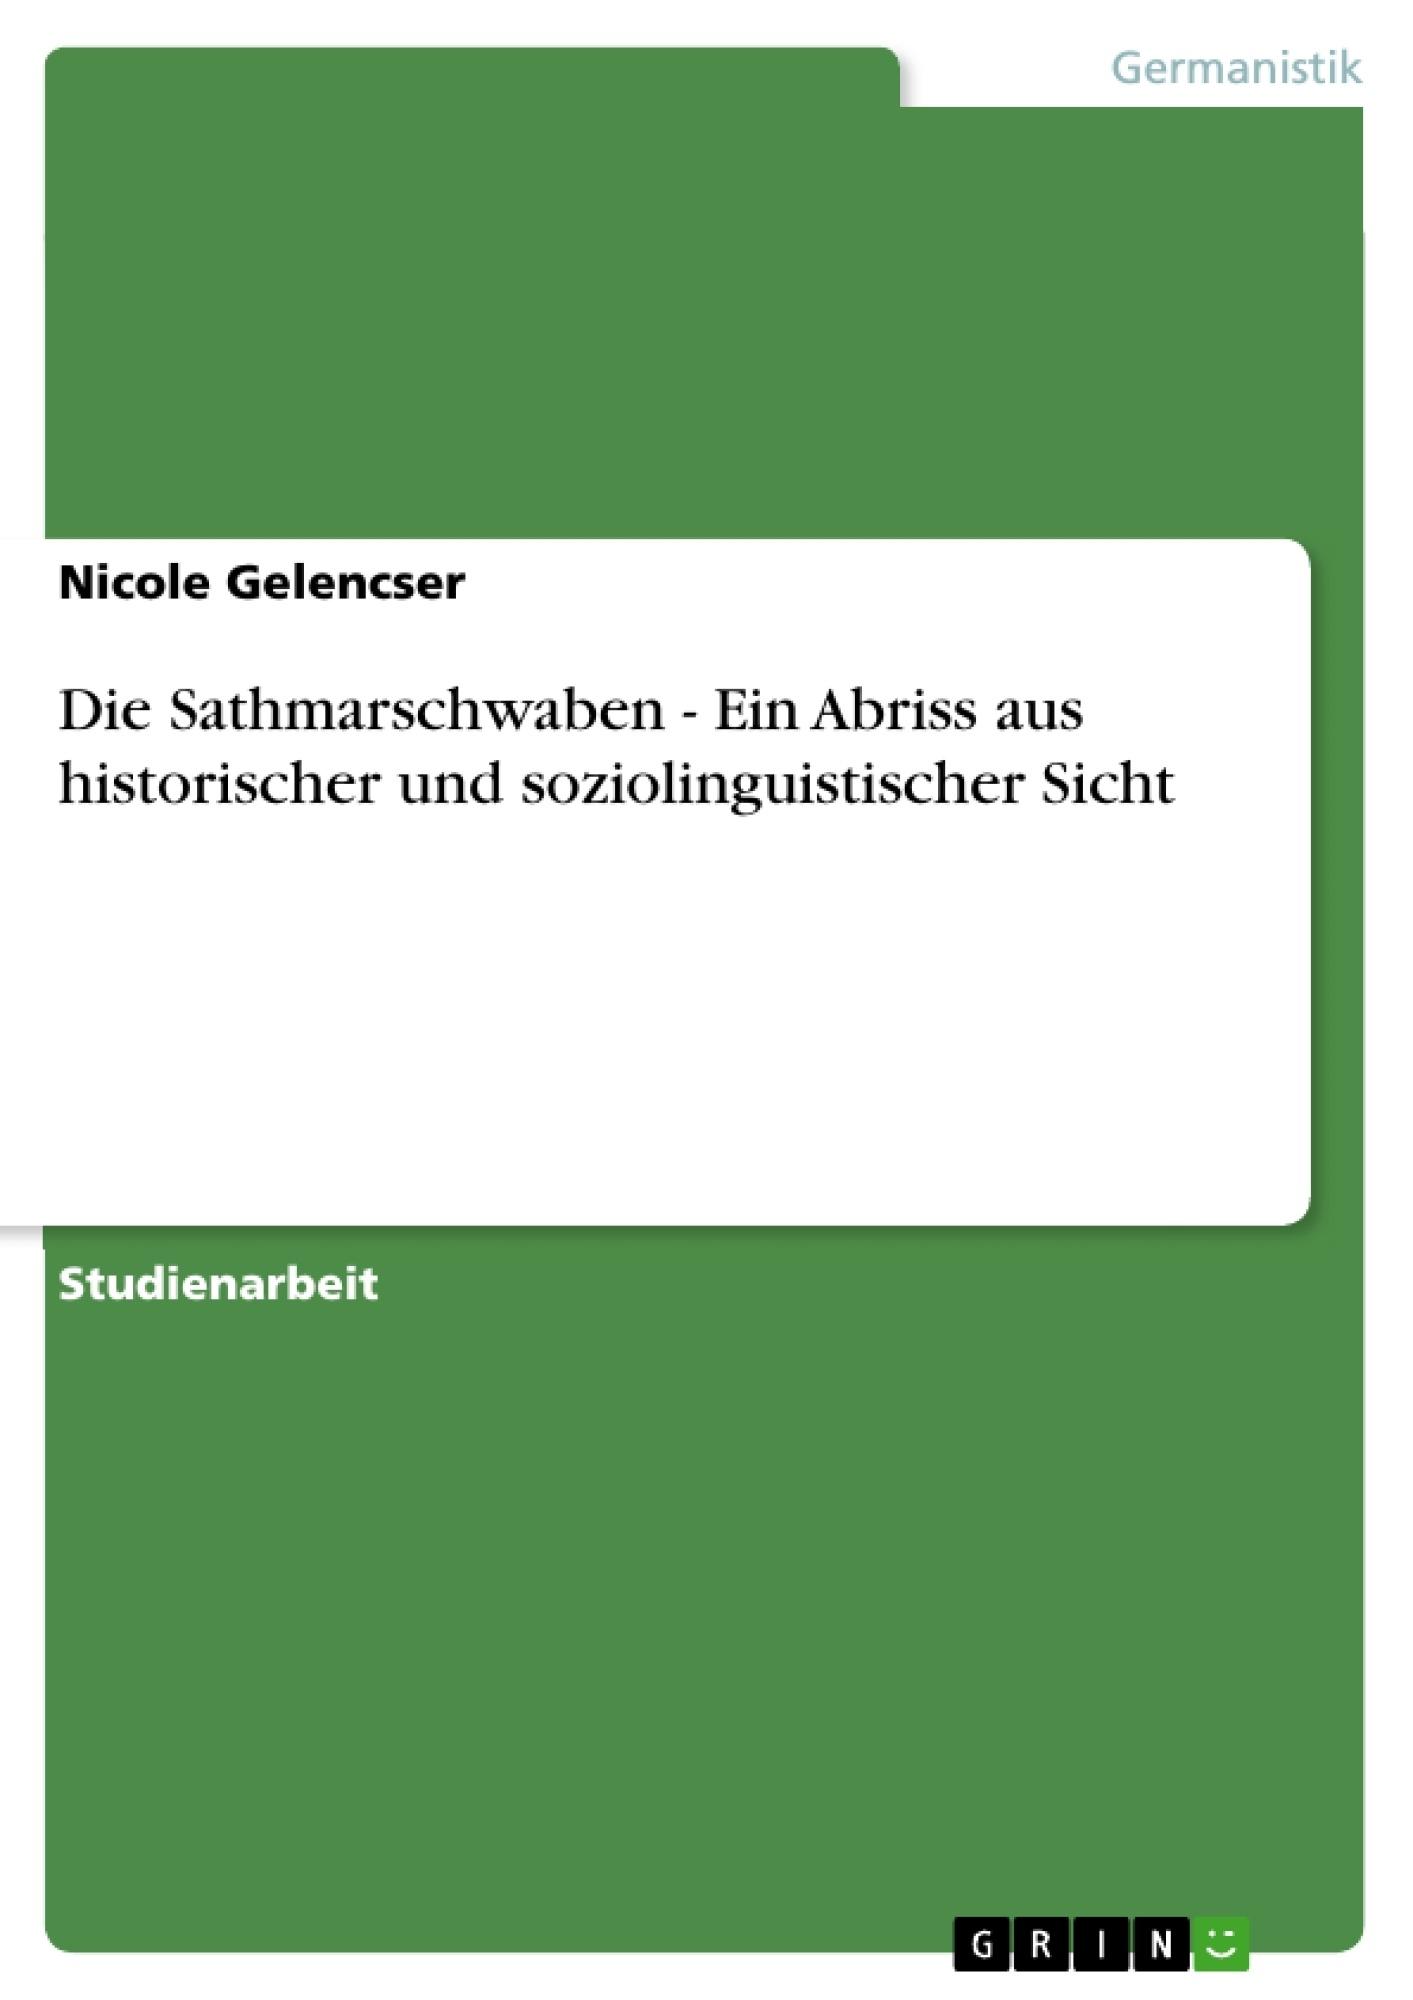 Titel: Die Sathmarschwaben - Ein Abriss aus historischer und soziolinguistischer Sicht